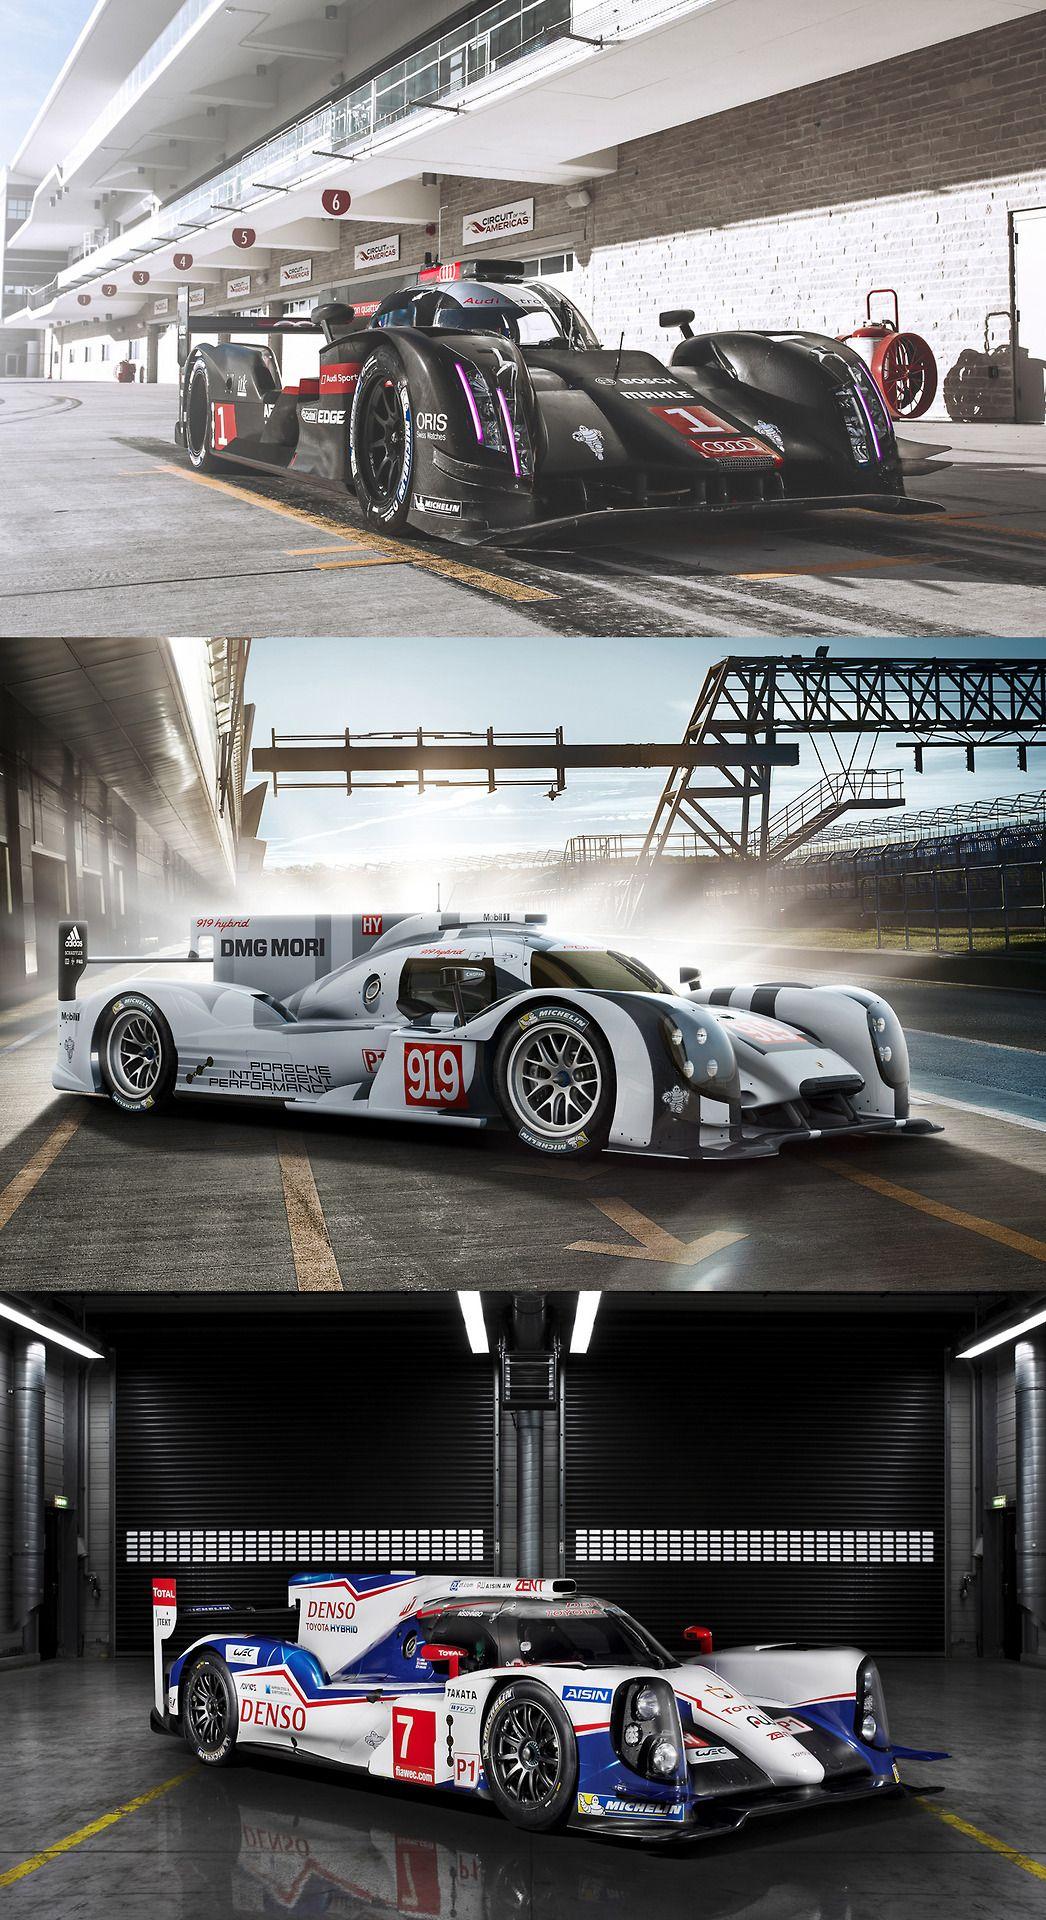 ff95c9793d0ce498d3030f77b970ef0a Outstanding Maisto Porsche 911 Gt1 Le Mans 1998 Cars Trend